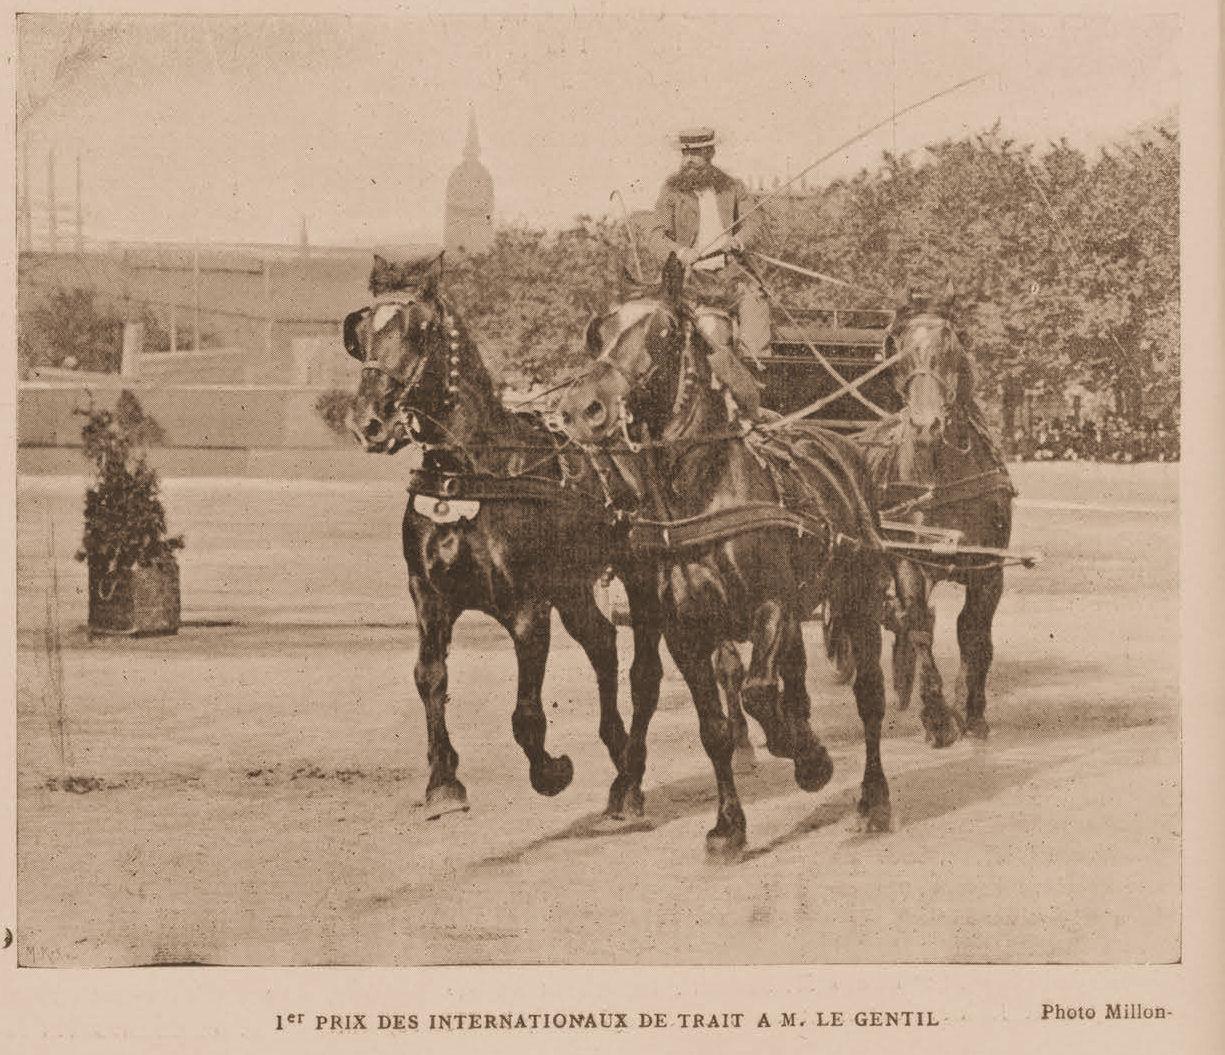 1e prix des internationaux de trait au concours hippique de 1901